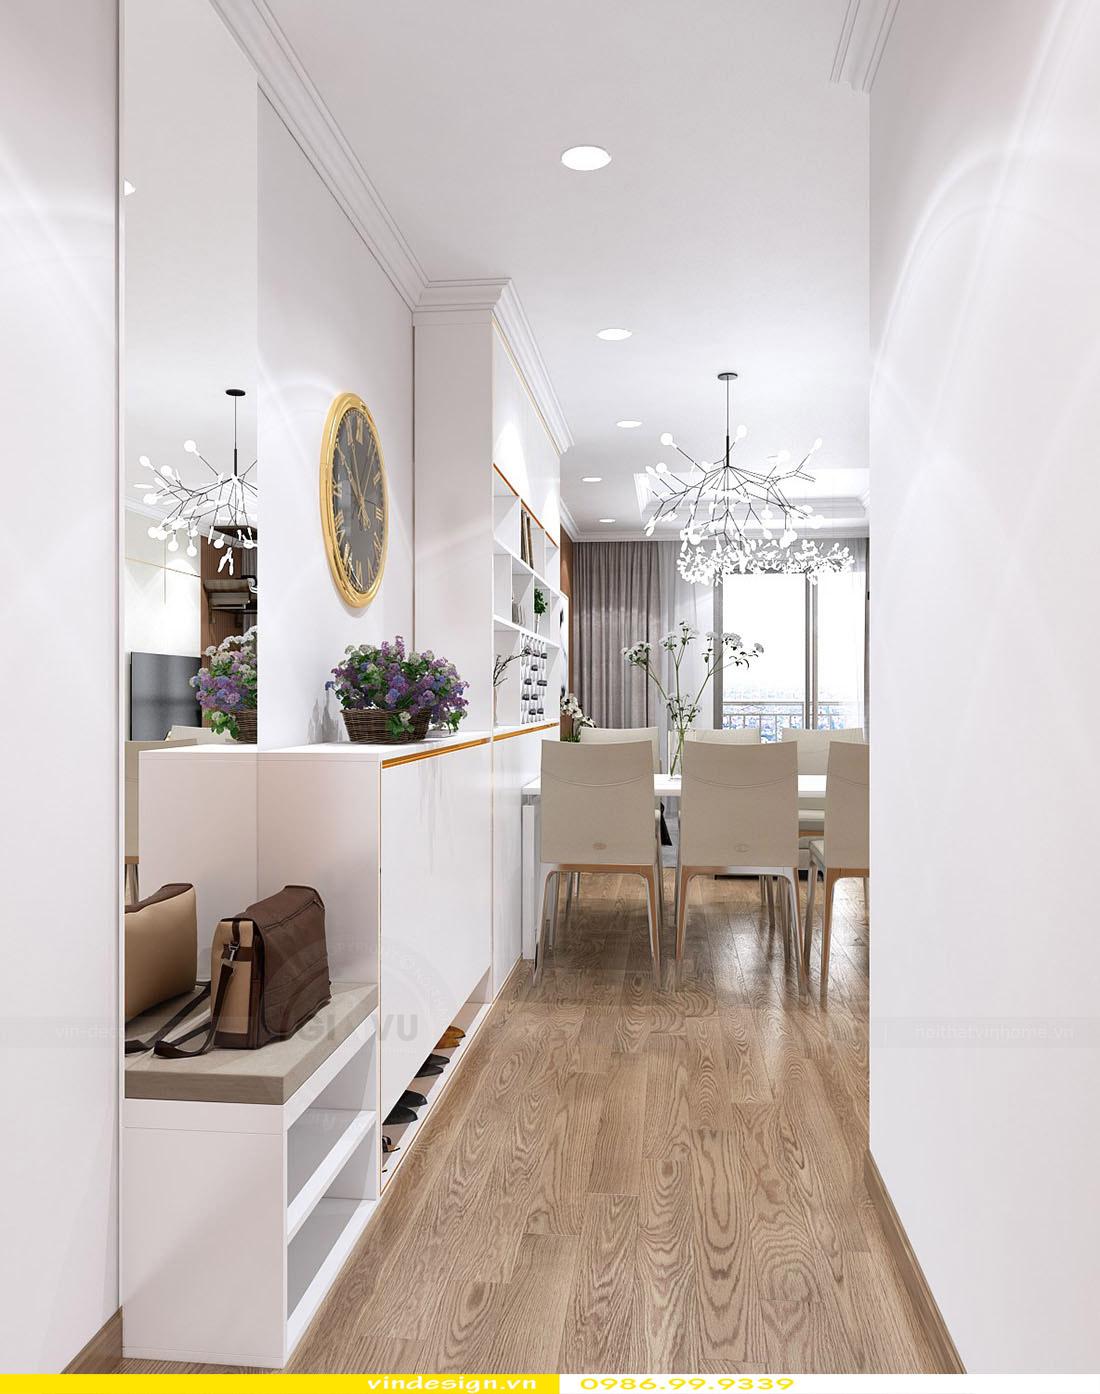 Thiết kế nội thất căn hộ Vinhomes Green Bay - Call 0986999339 view 5